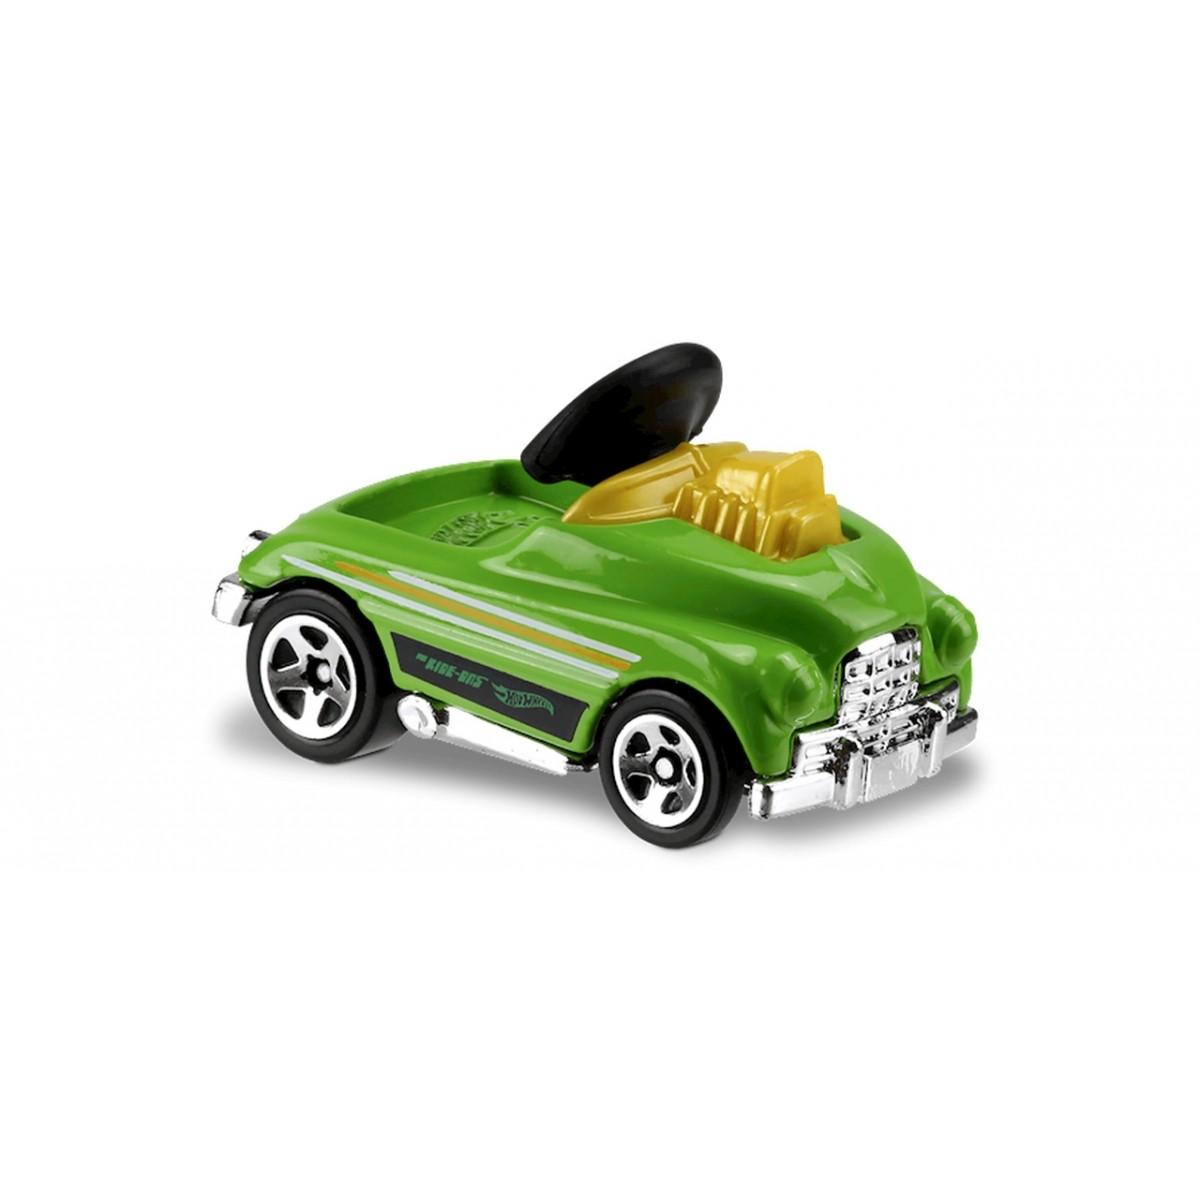 Carrinho Hot Wheels: Pedal Driver Verde